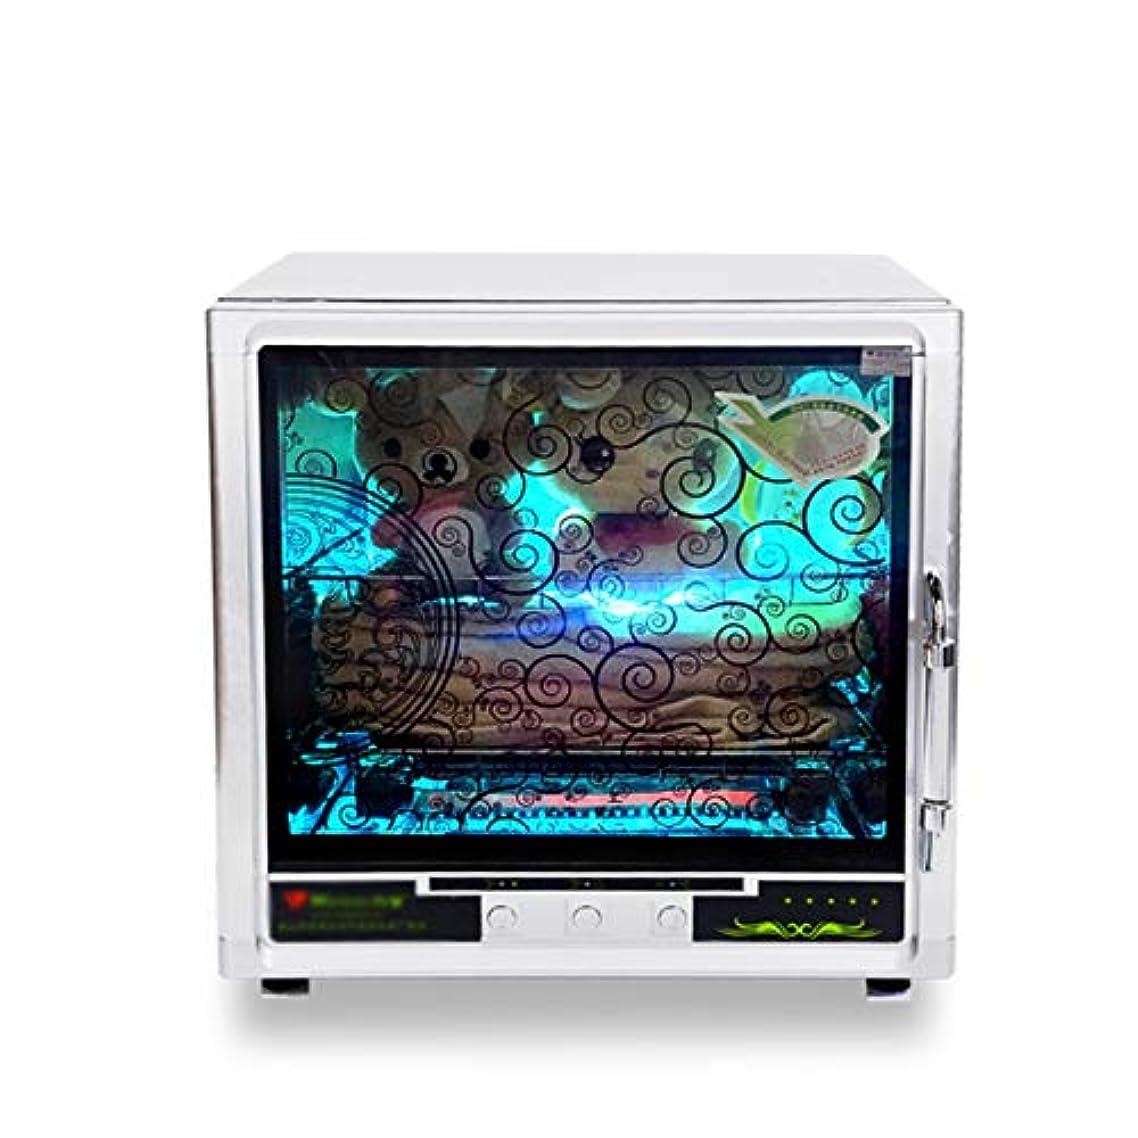 動的受動的ピアニストタオルウォーマーLEDライトステンレス鋼UV消毒タオルヒーター断熱ホテルホームジム容量50Lホワイト